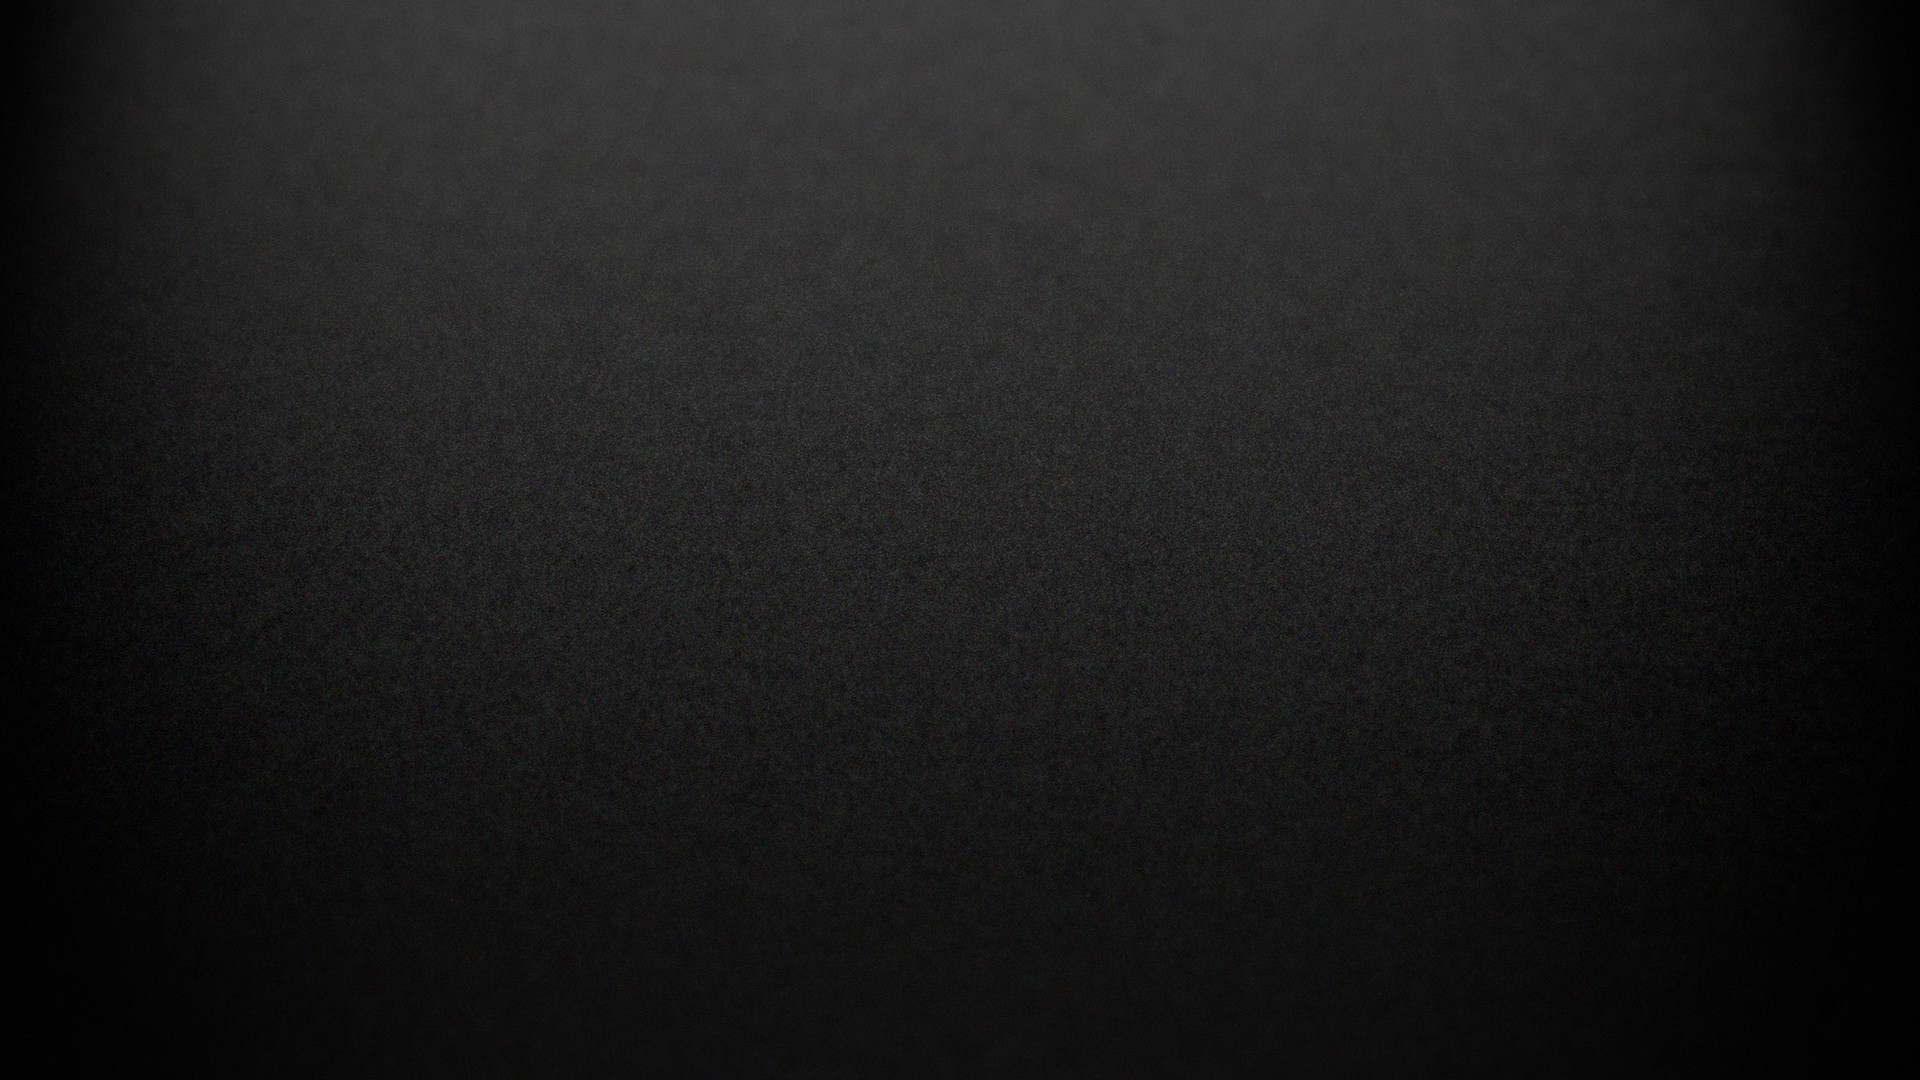 dark gray wallpaper wallpapersafari